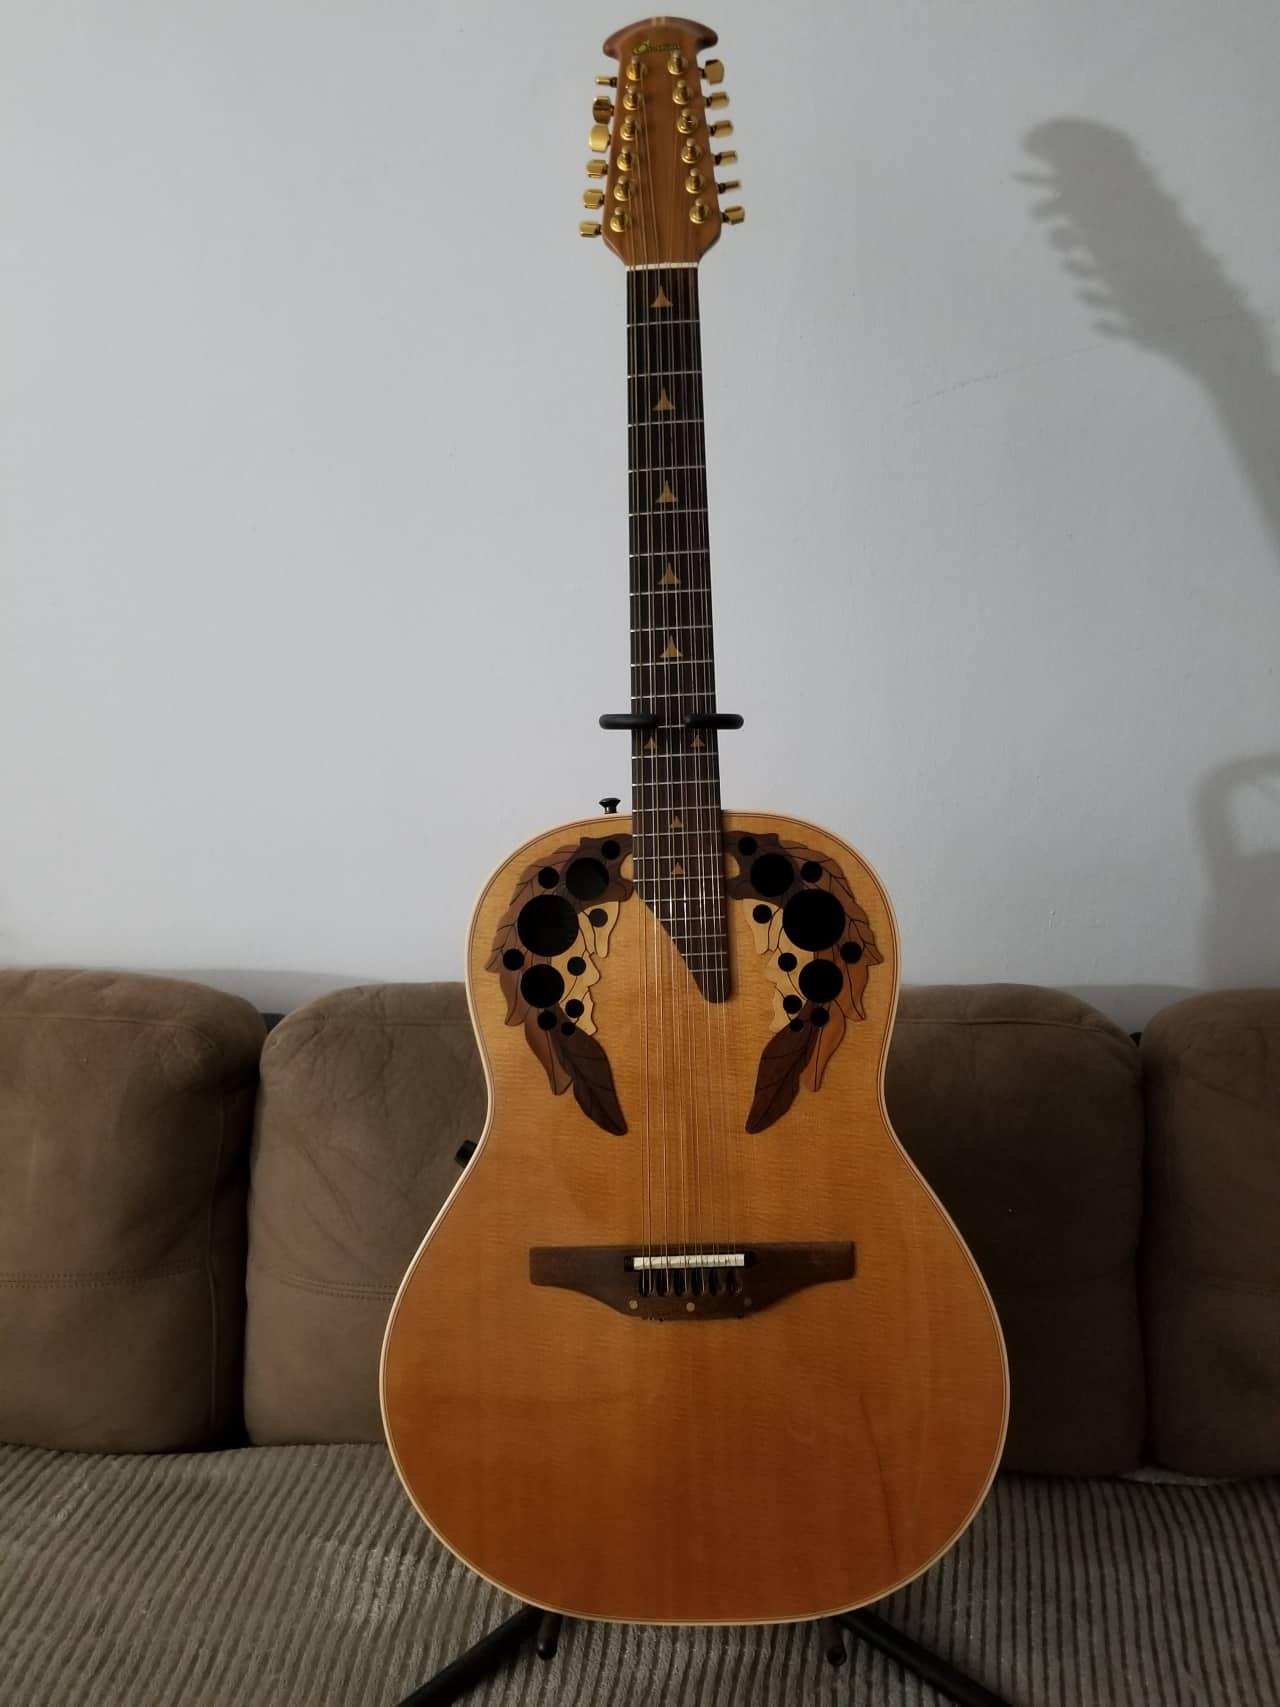 ovation 1758 elite 12 string acoustic electric guitar reverb. Black Bedroom Furniture Sets. Home Design Ideas